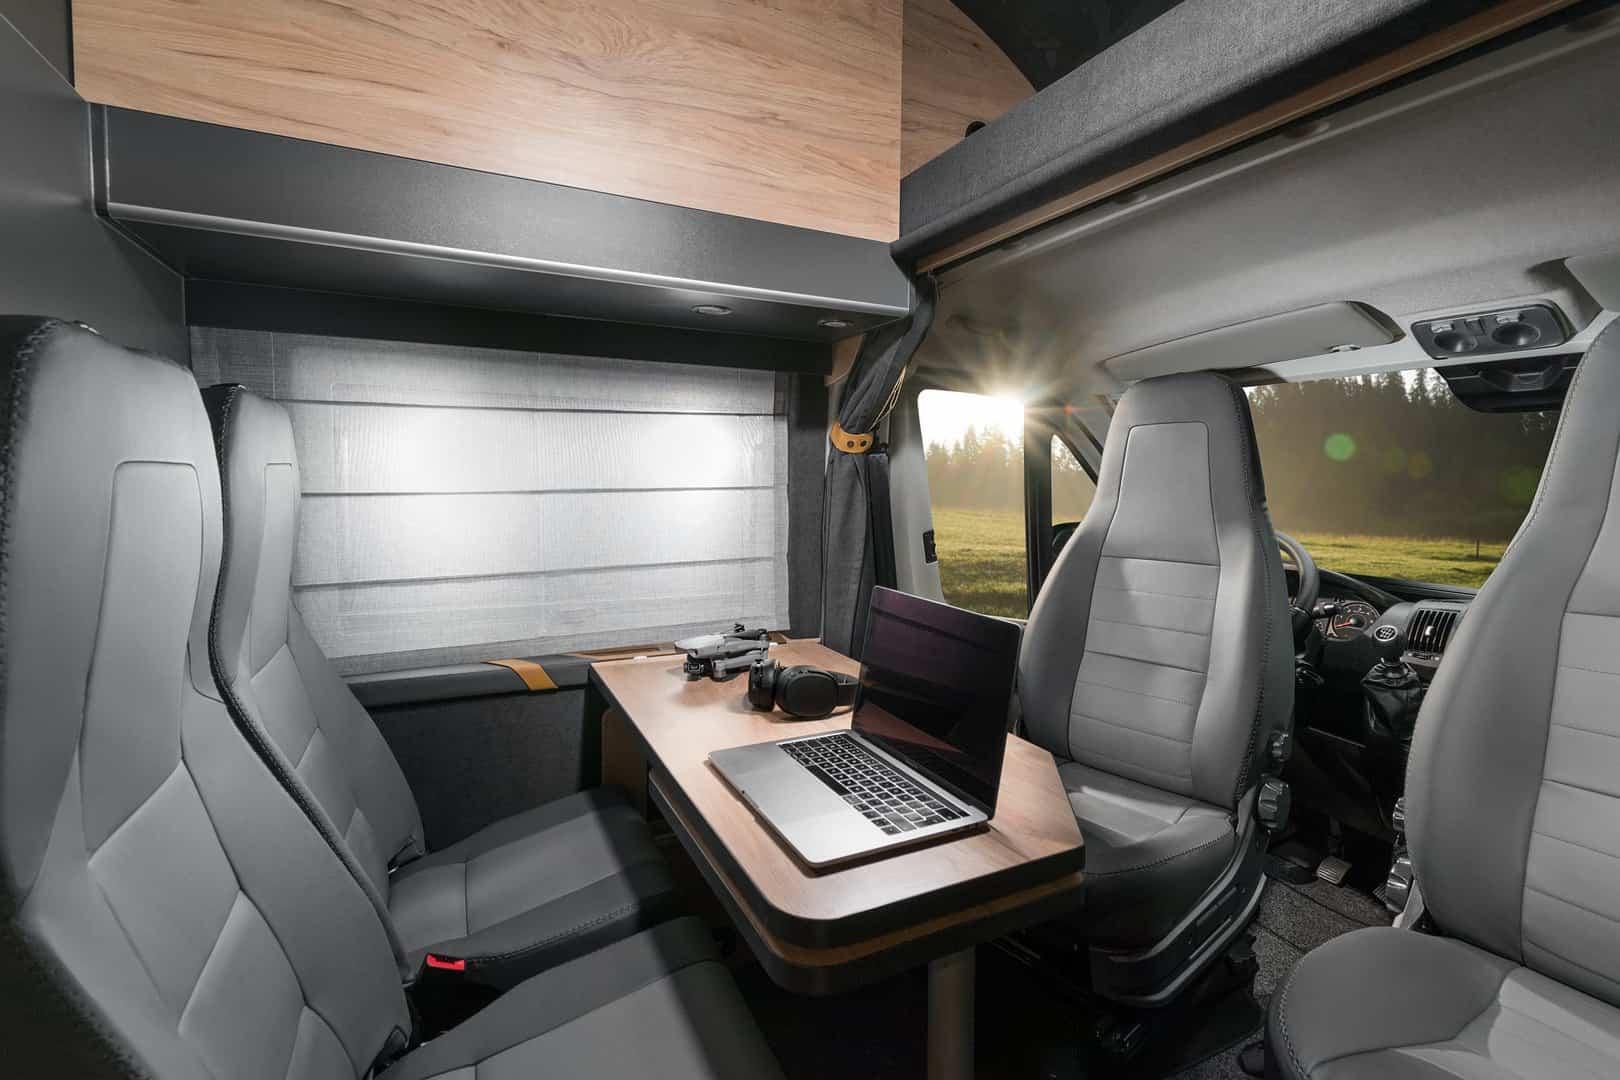 Zdjęcia kamperów wnętrza